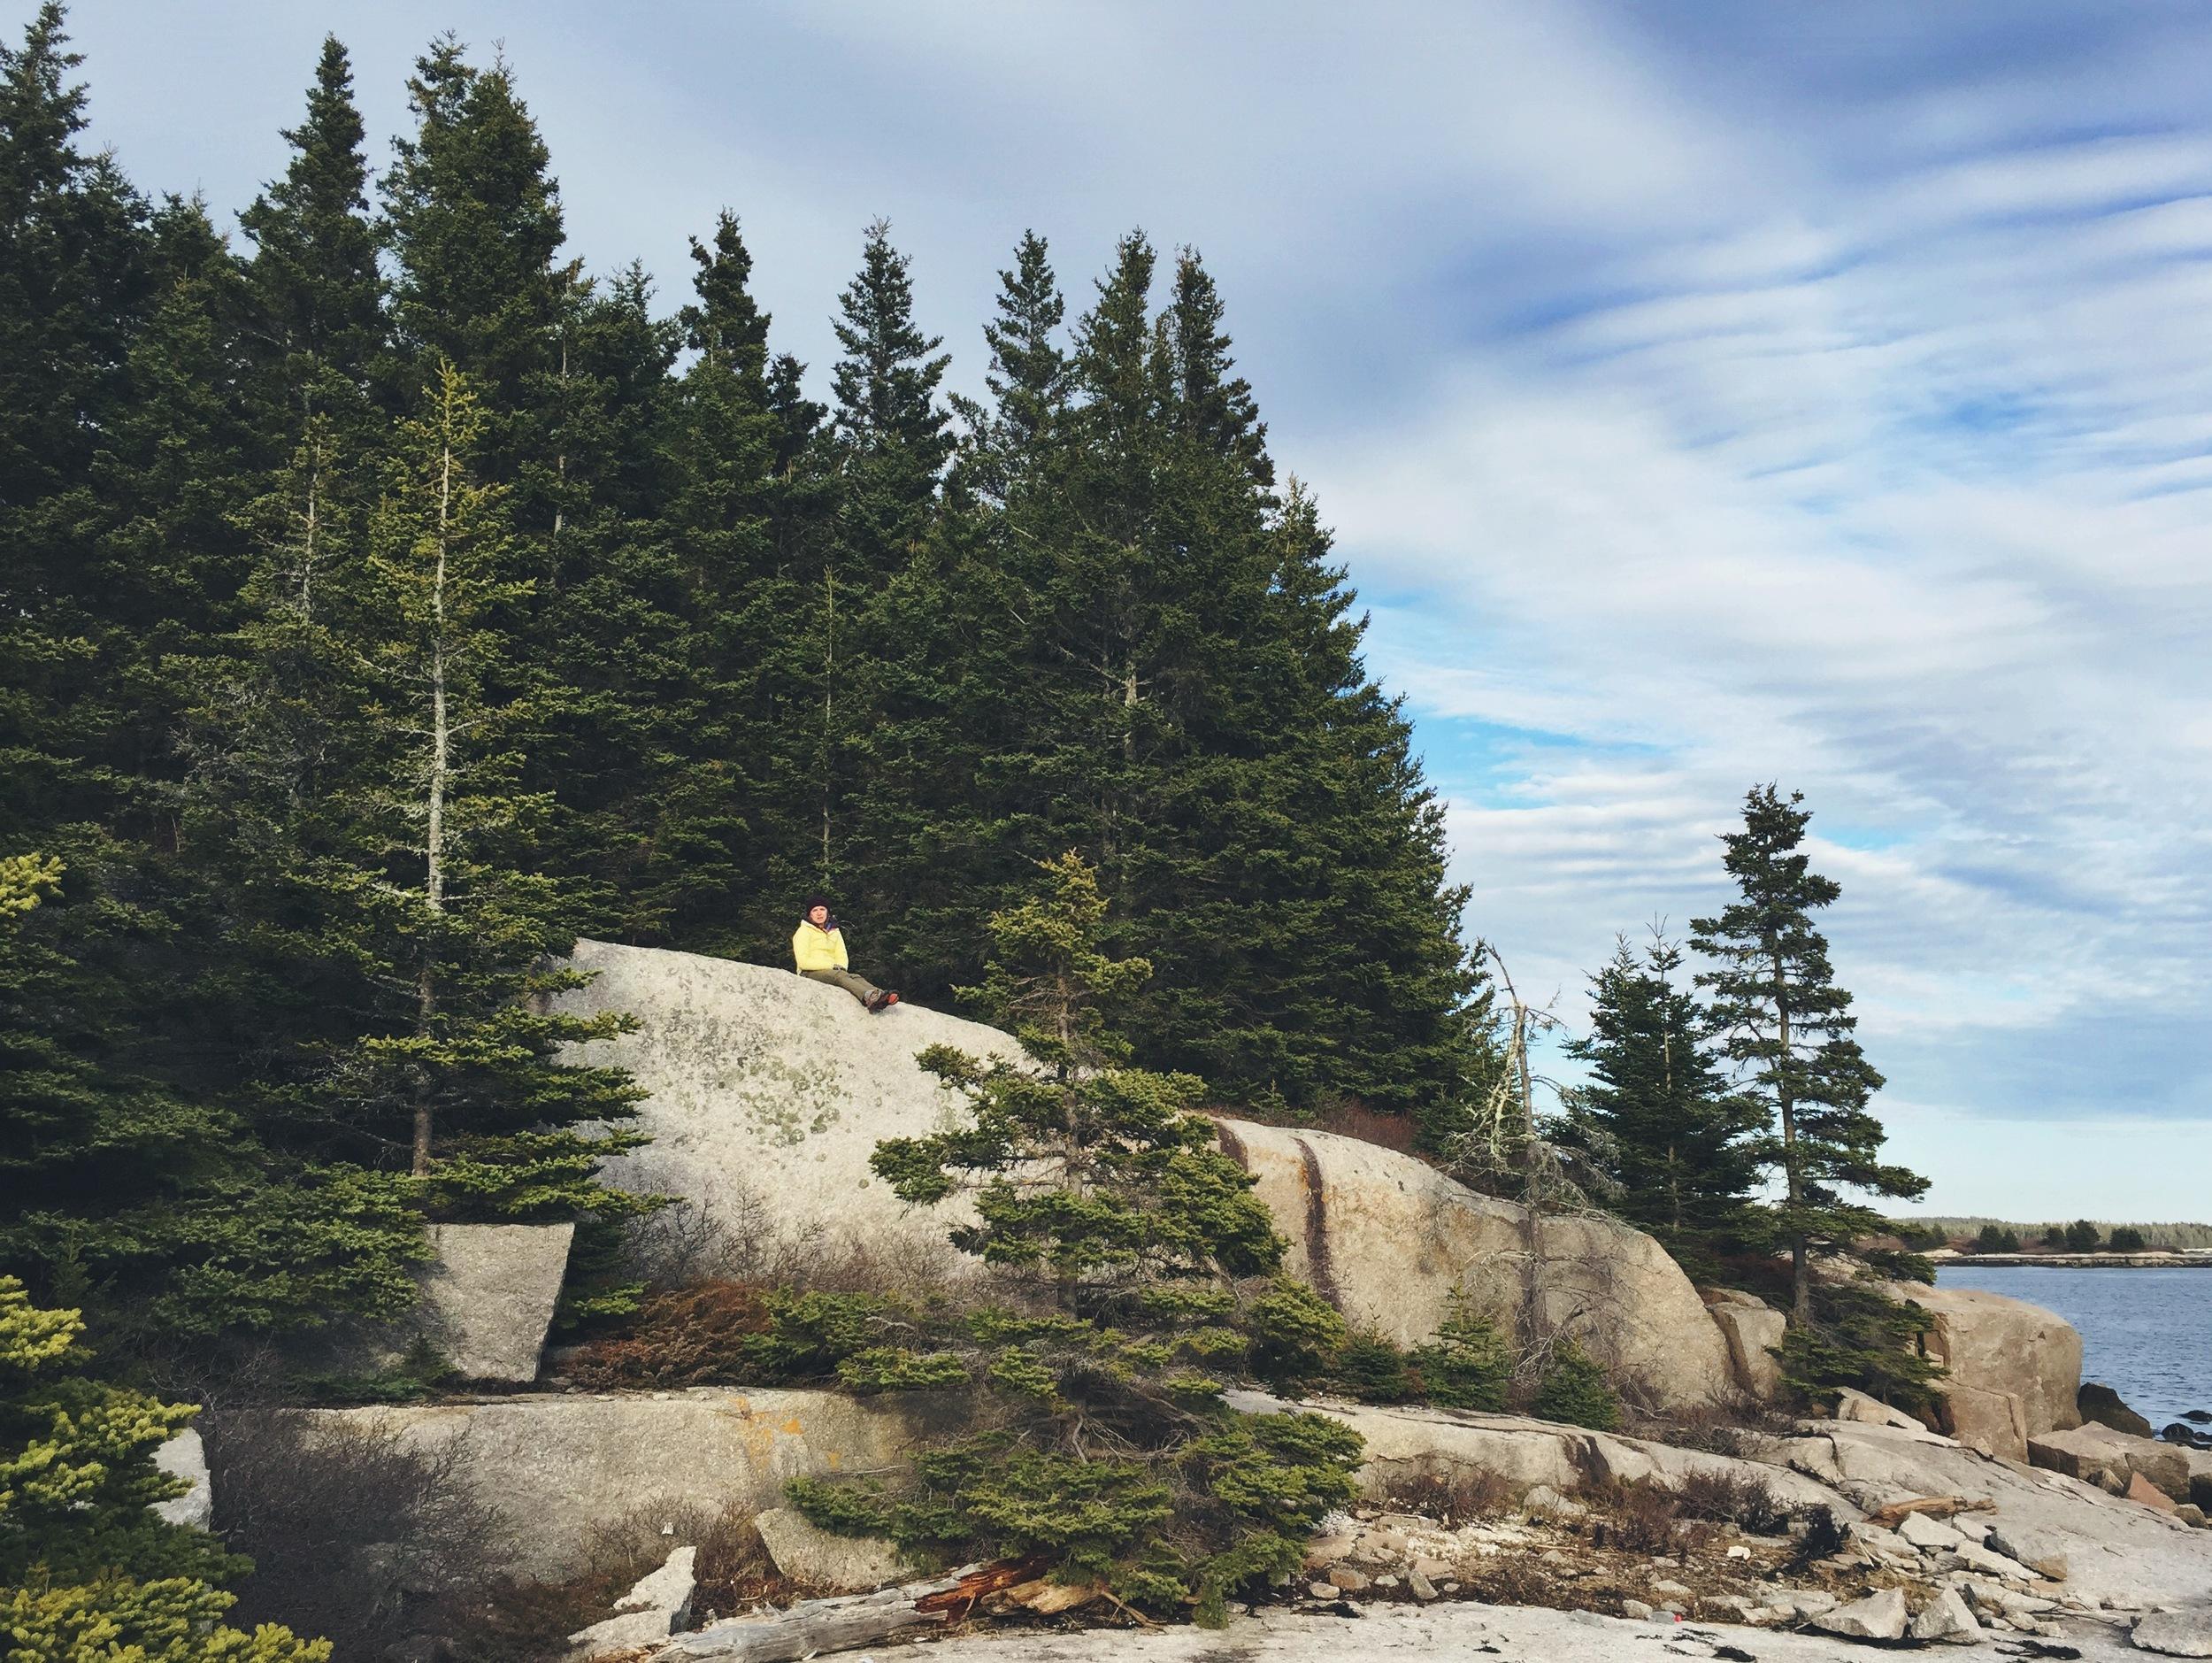 Moose on the rocks